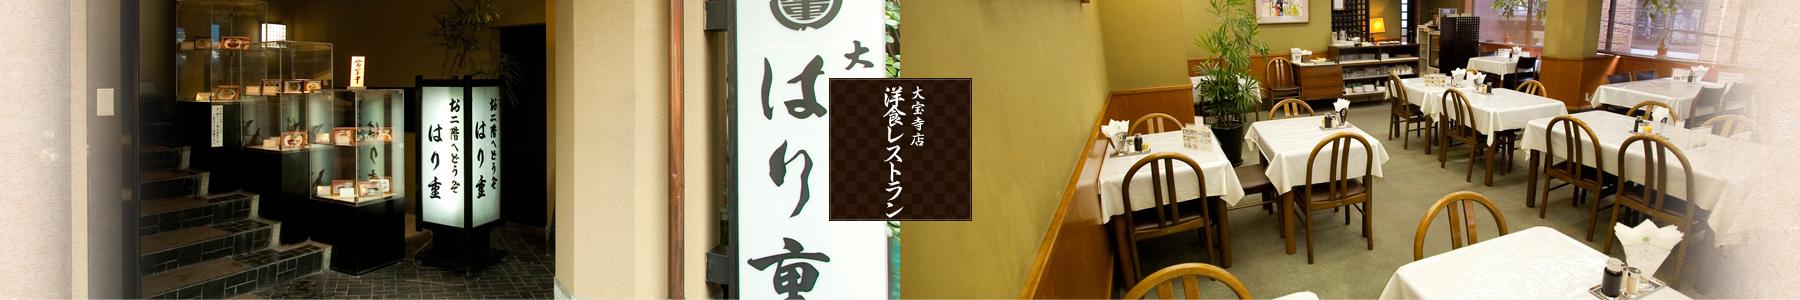 洋食レストランのイメージ